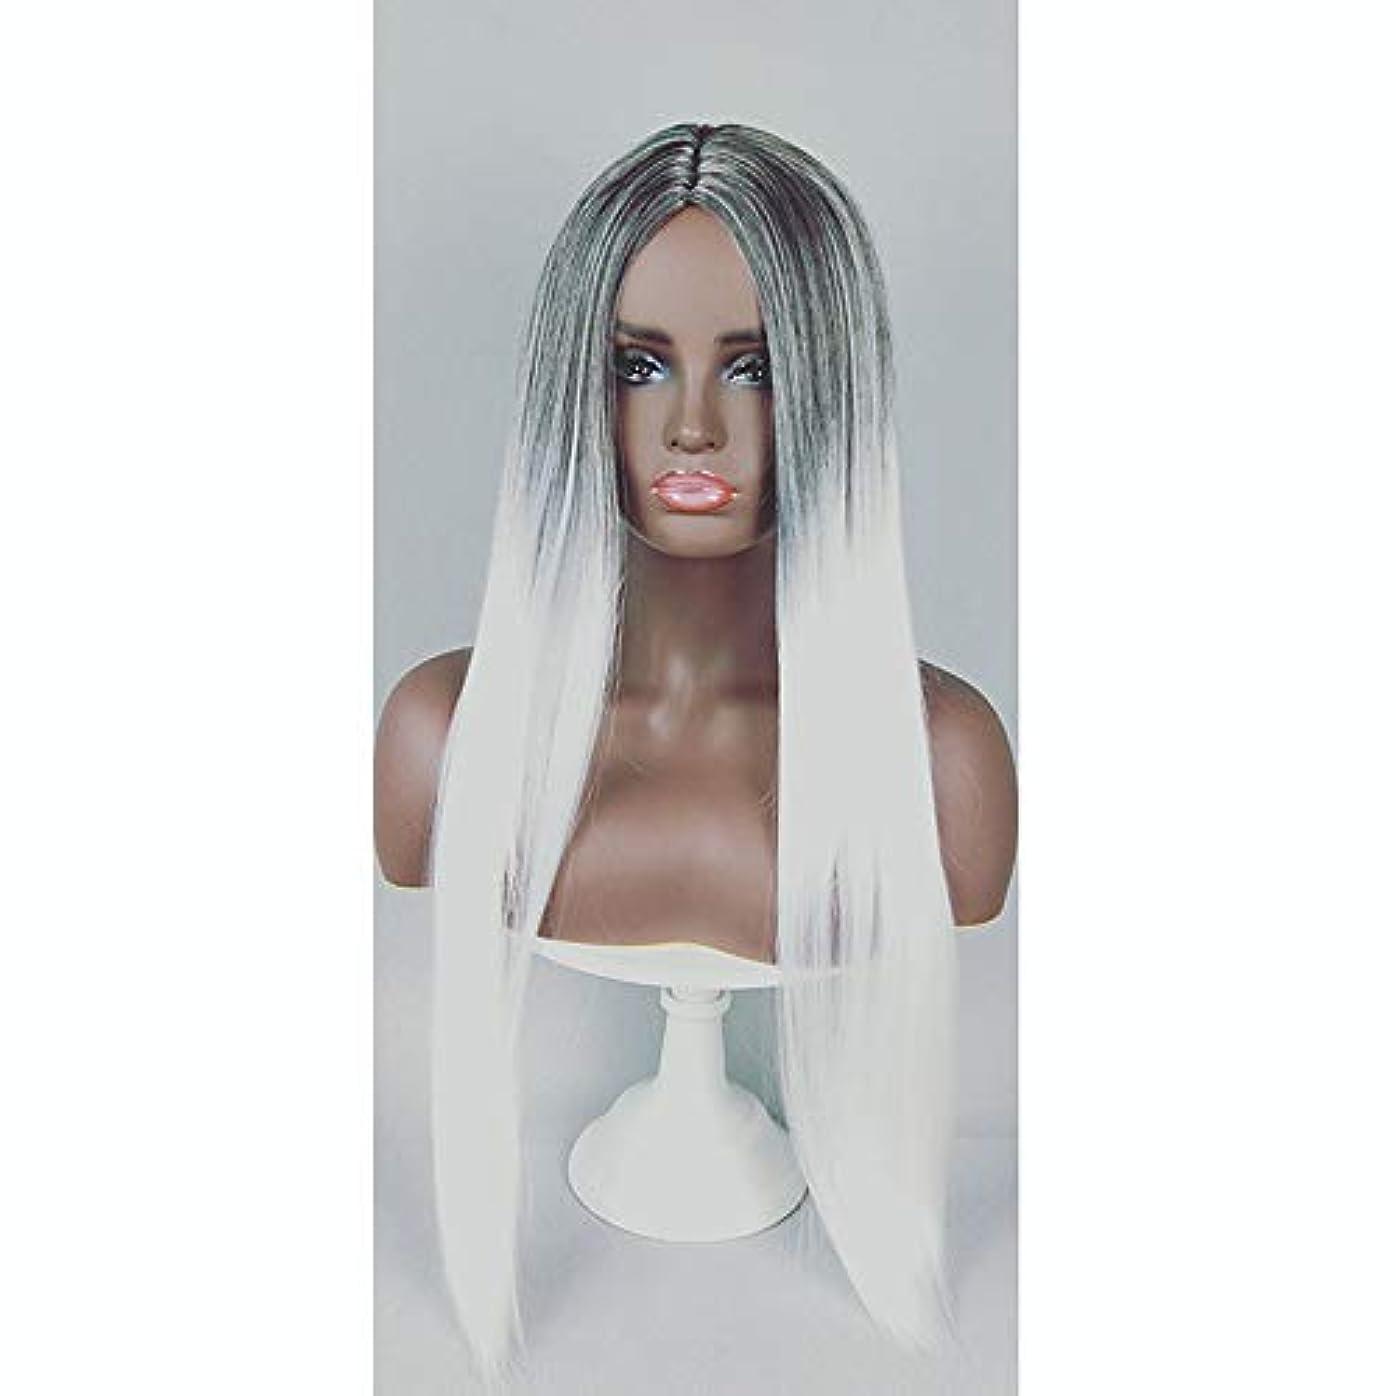 誠実予知バルクファッション女性用ウィッグ、ナチュラルロングストレートグラデーションヘアラインヘアセット、パーティーロールプレイングウィッグ